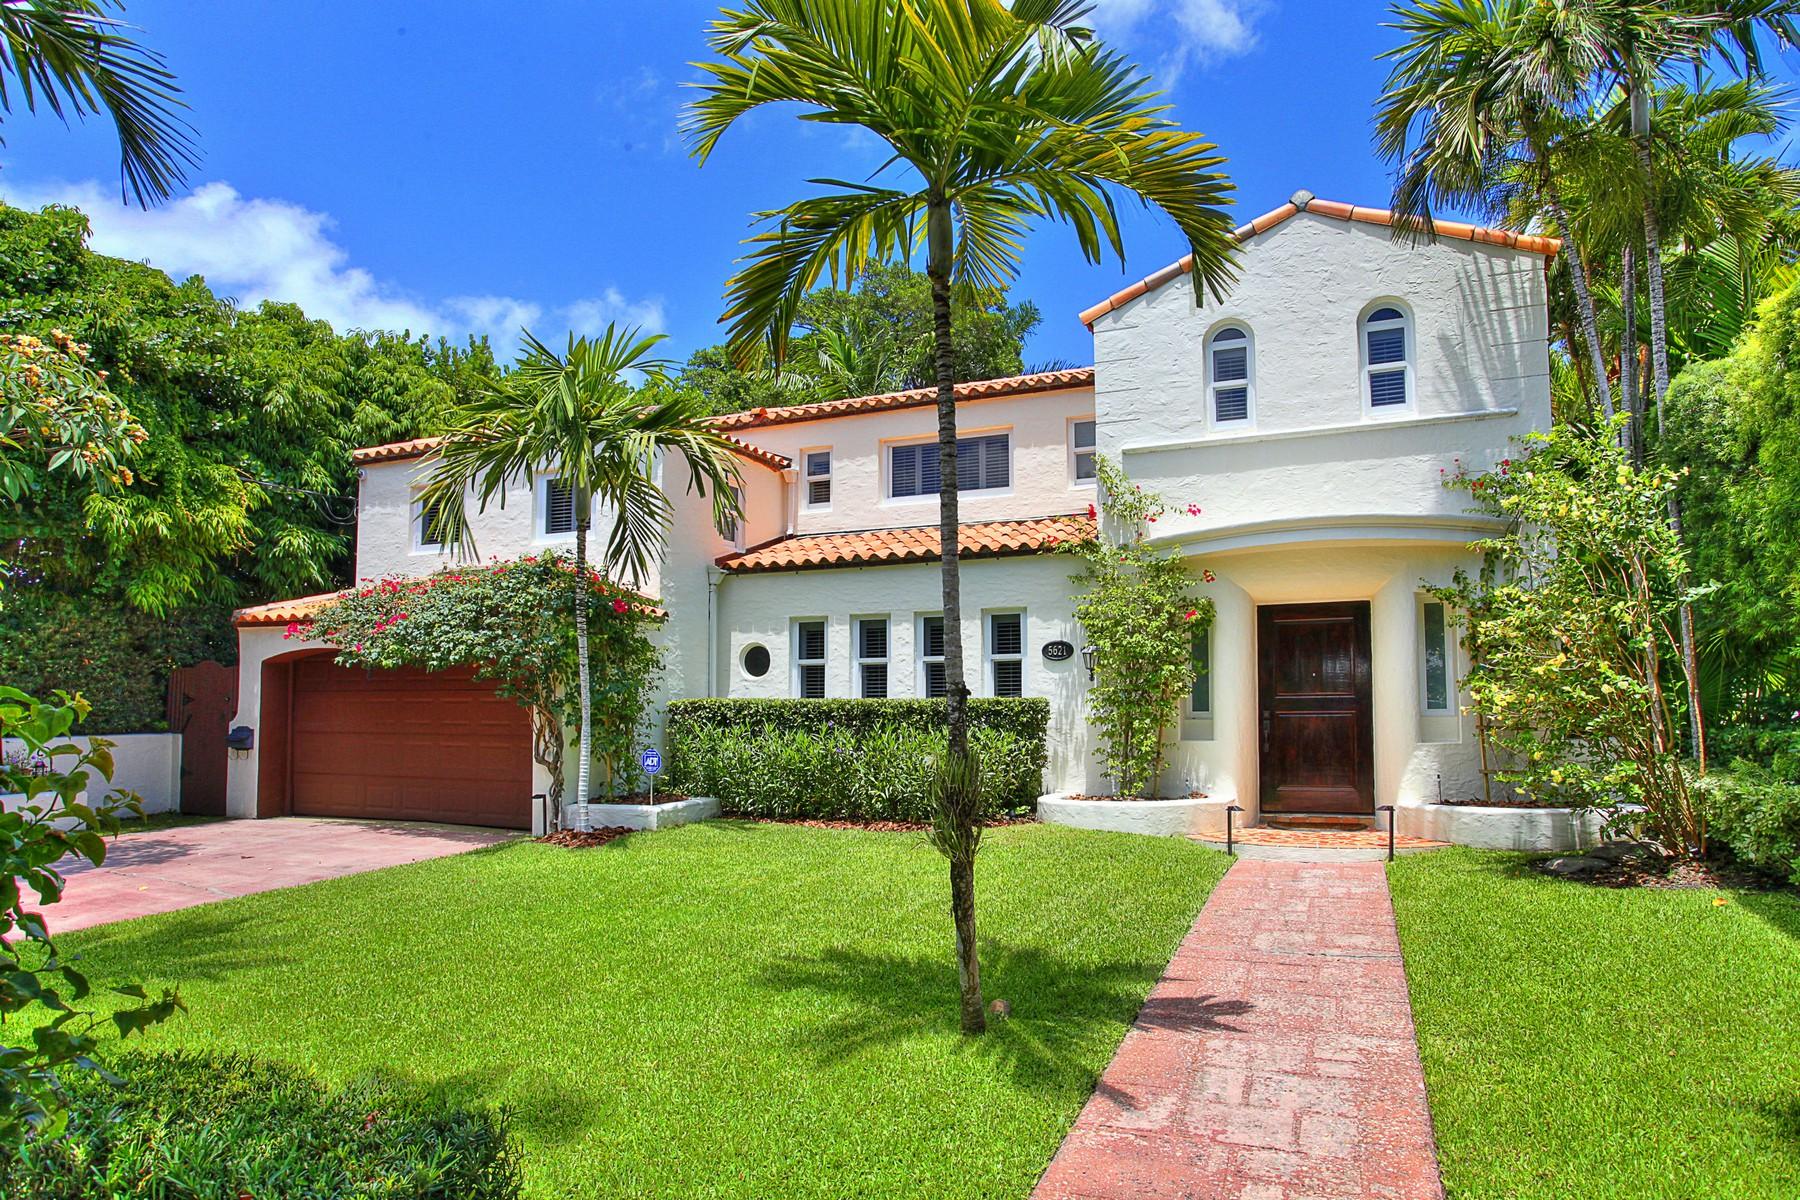 獨棟家庭住宅 為 出售 在 5621 Alton Road Miami Beach, 佛羅里達州 33140 美國